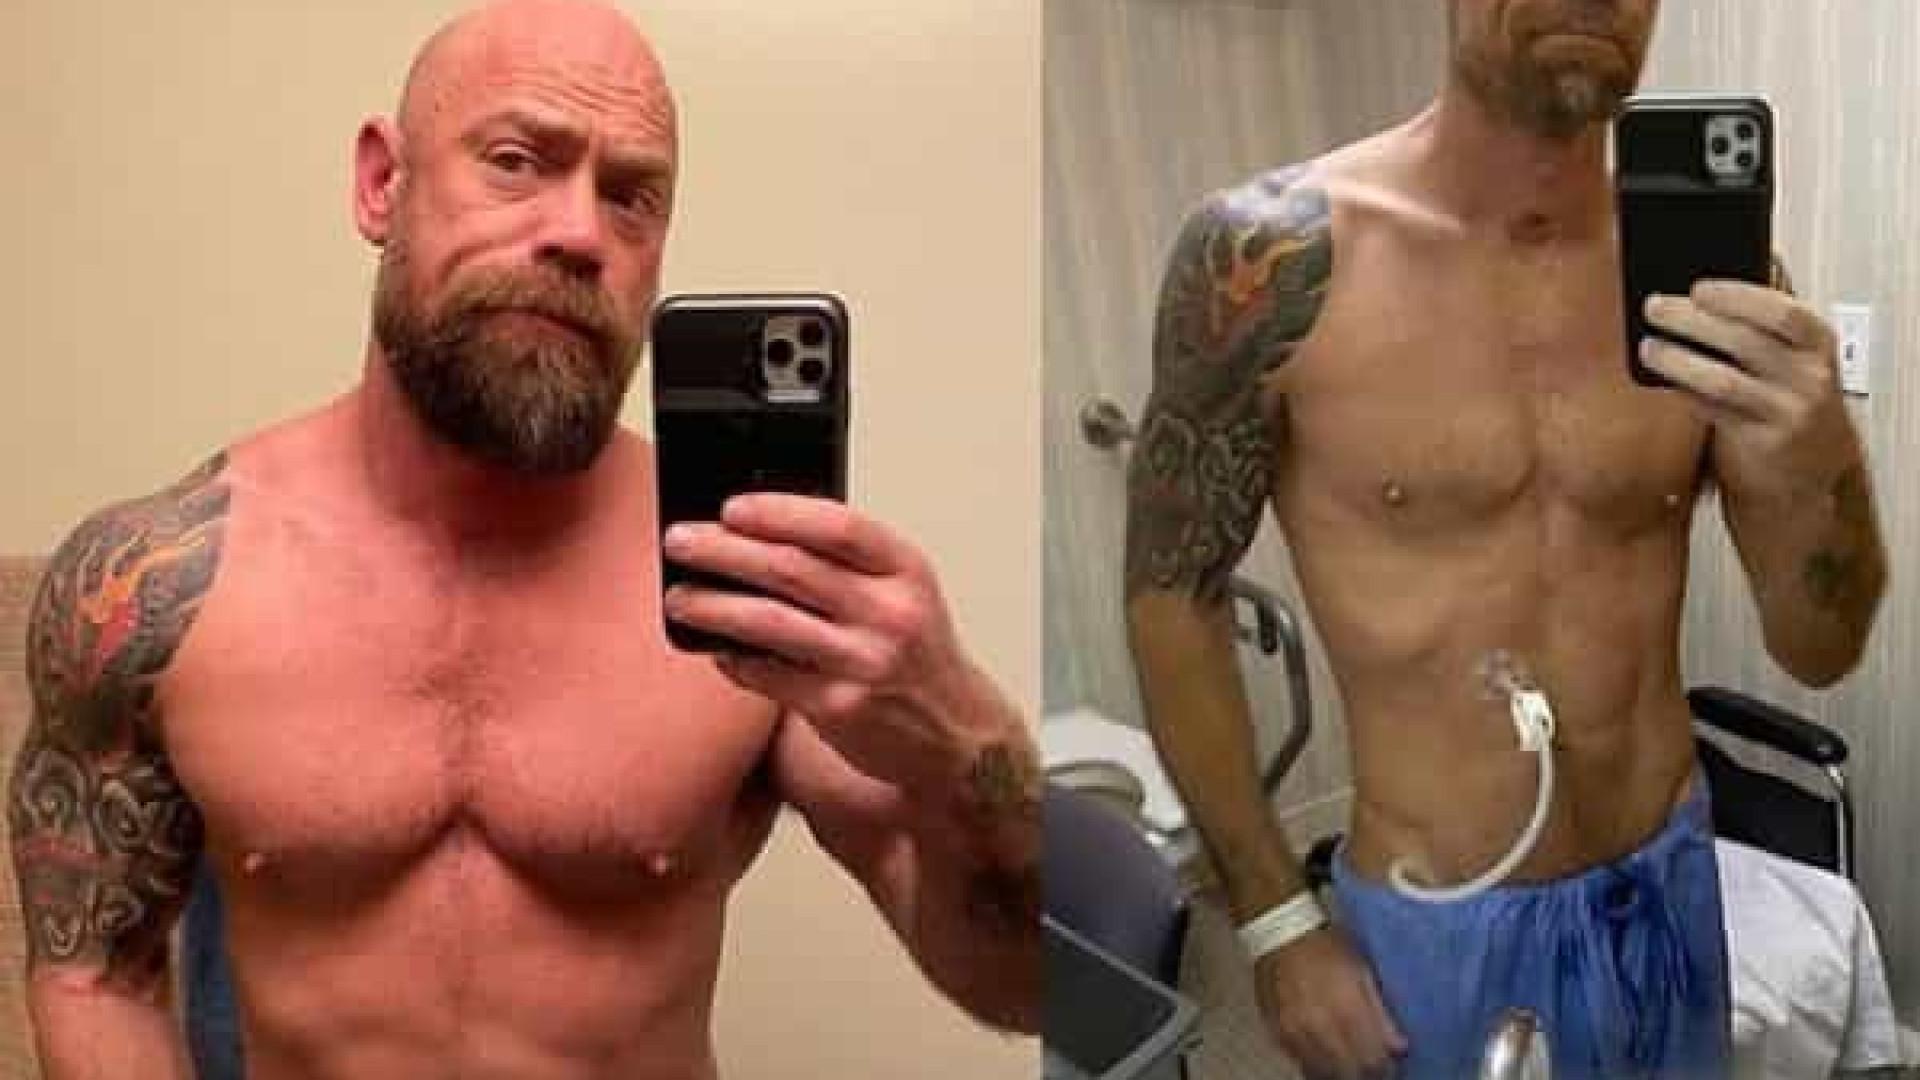 Homem mostra mudança drástica no corpo após Covid-19